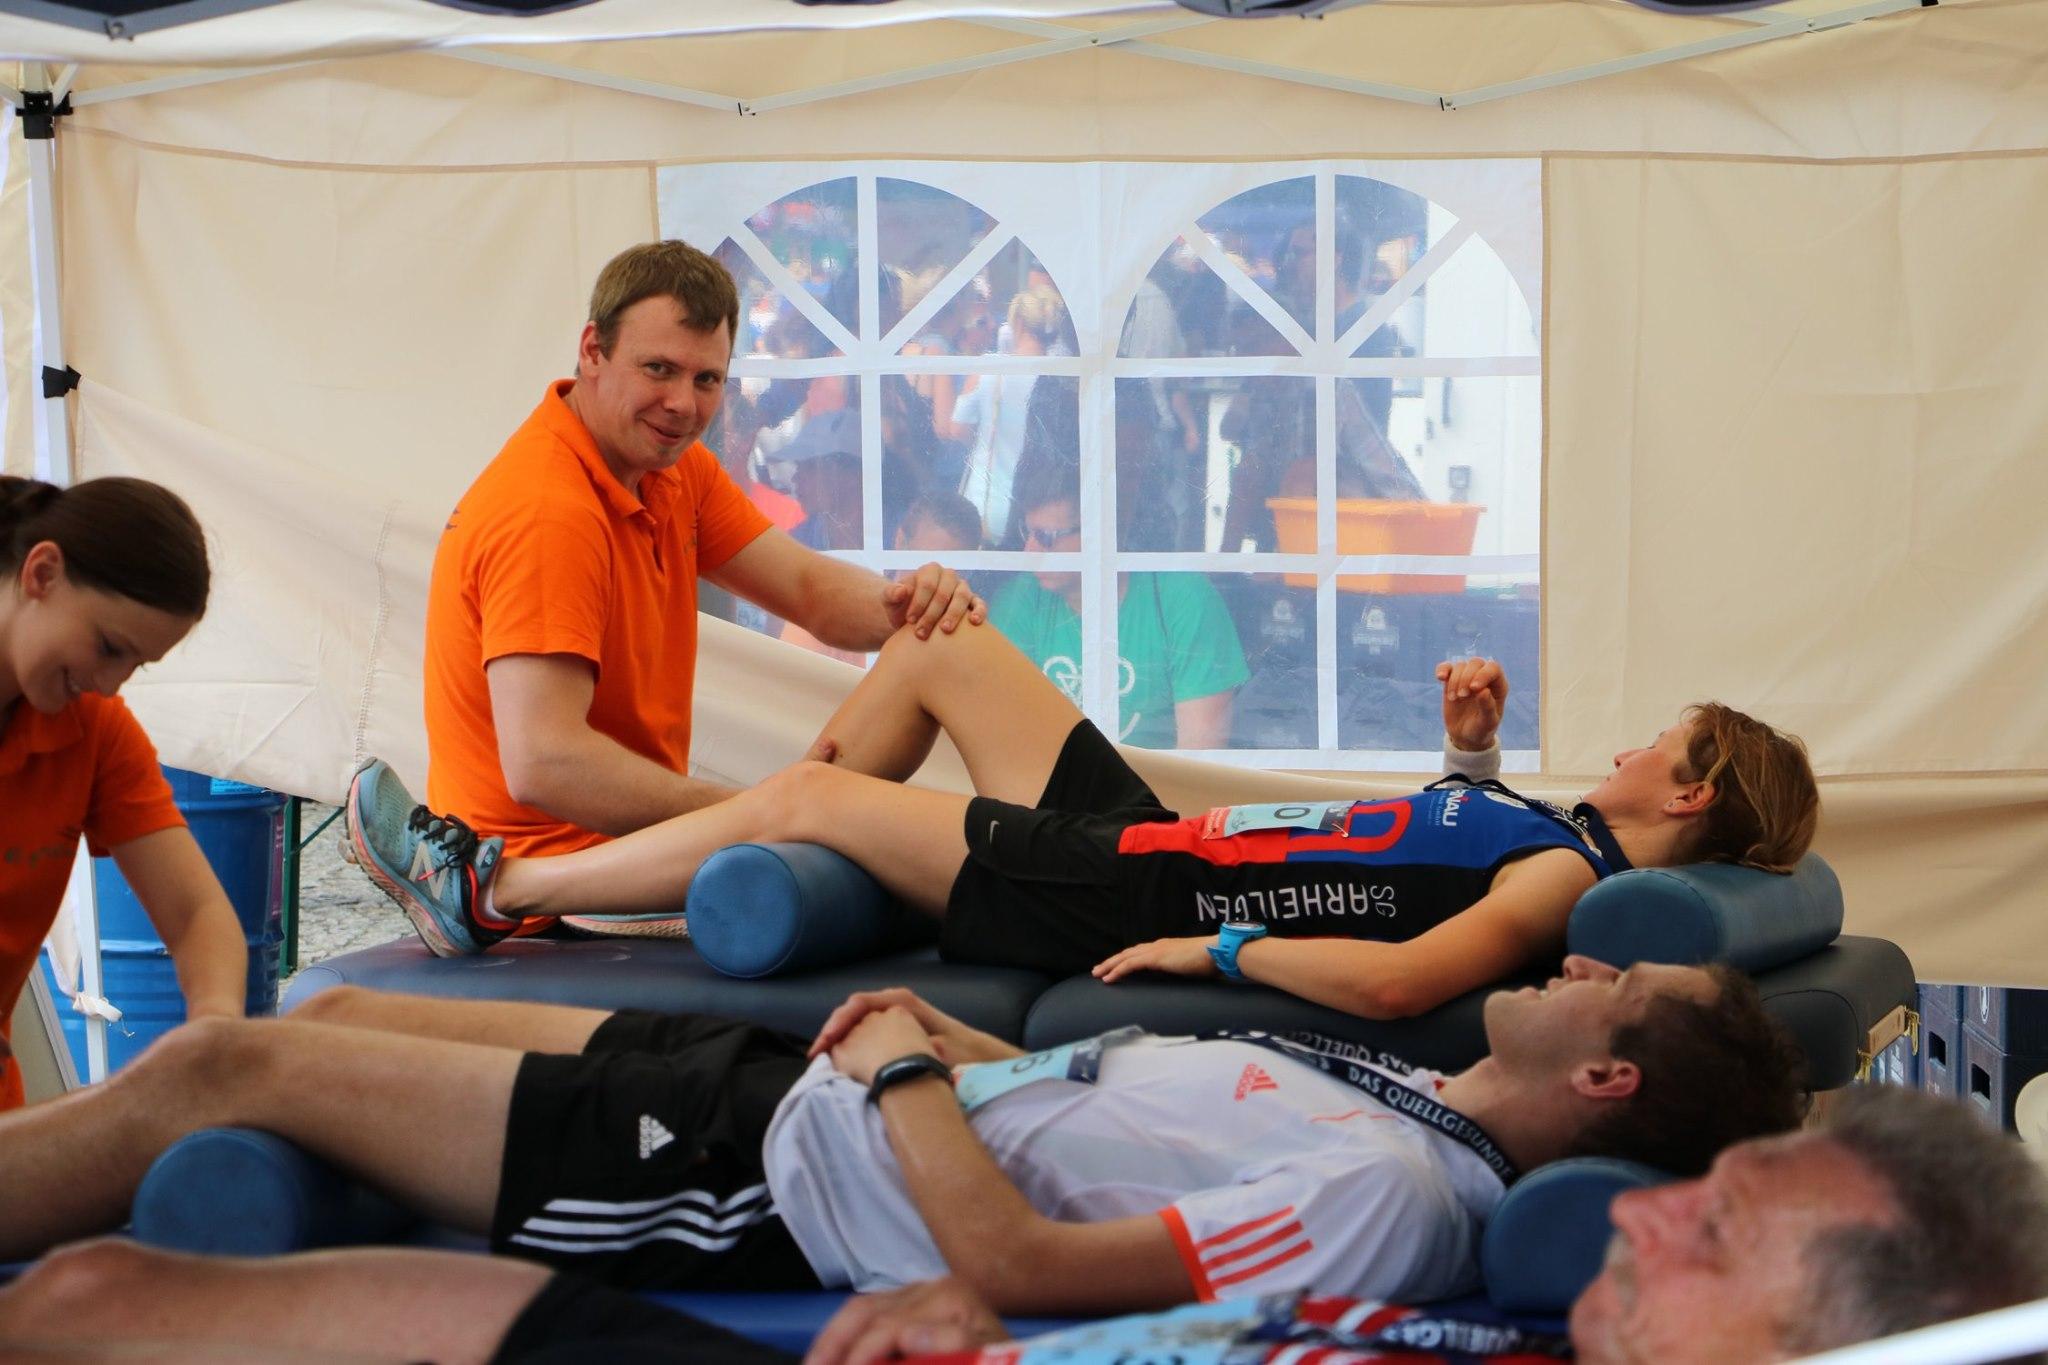 41. Elsterlauf - Epikur sorgt für Entspannung im Ziel